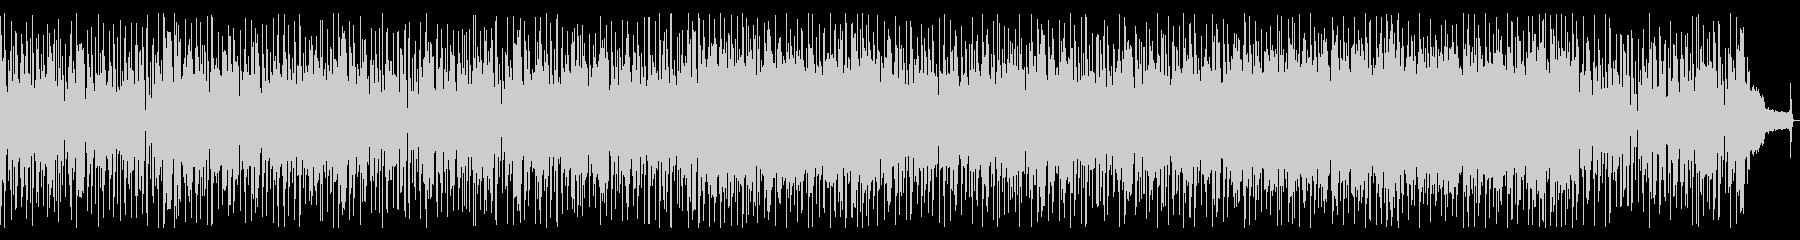 サックスが切ないアーバンスムースジャズの未再生の波形